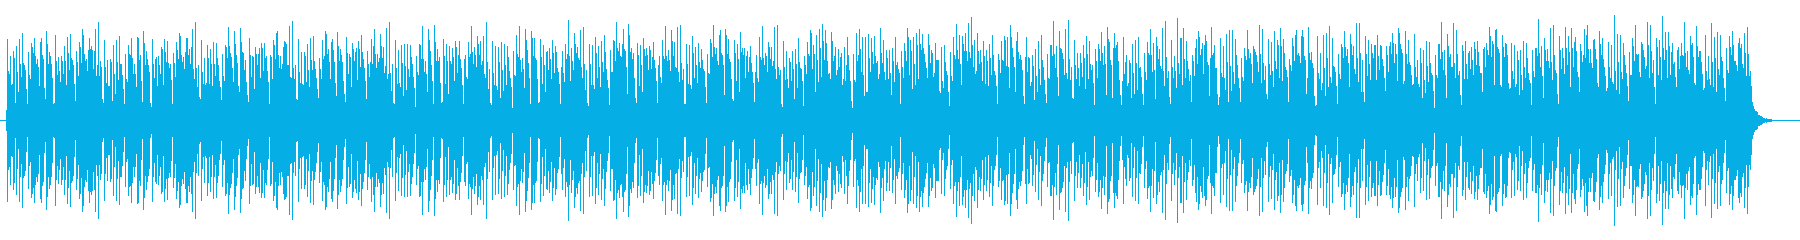 軽やかで奇麗なシンセサイザーサウンドの再生済みの波形